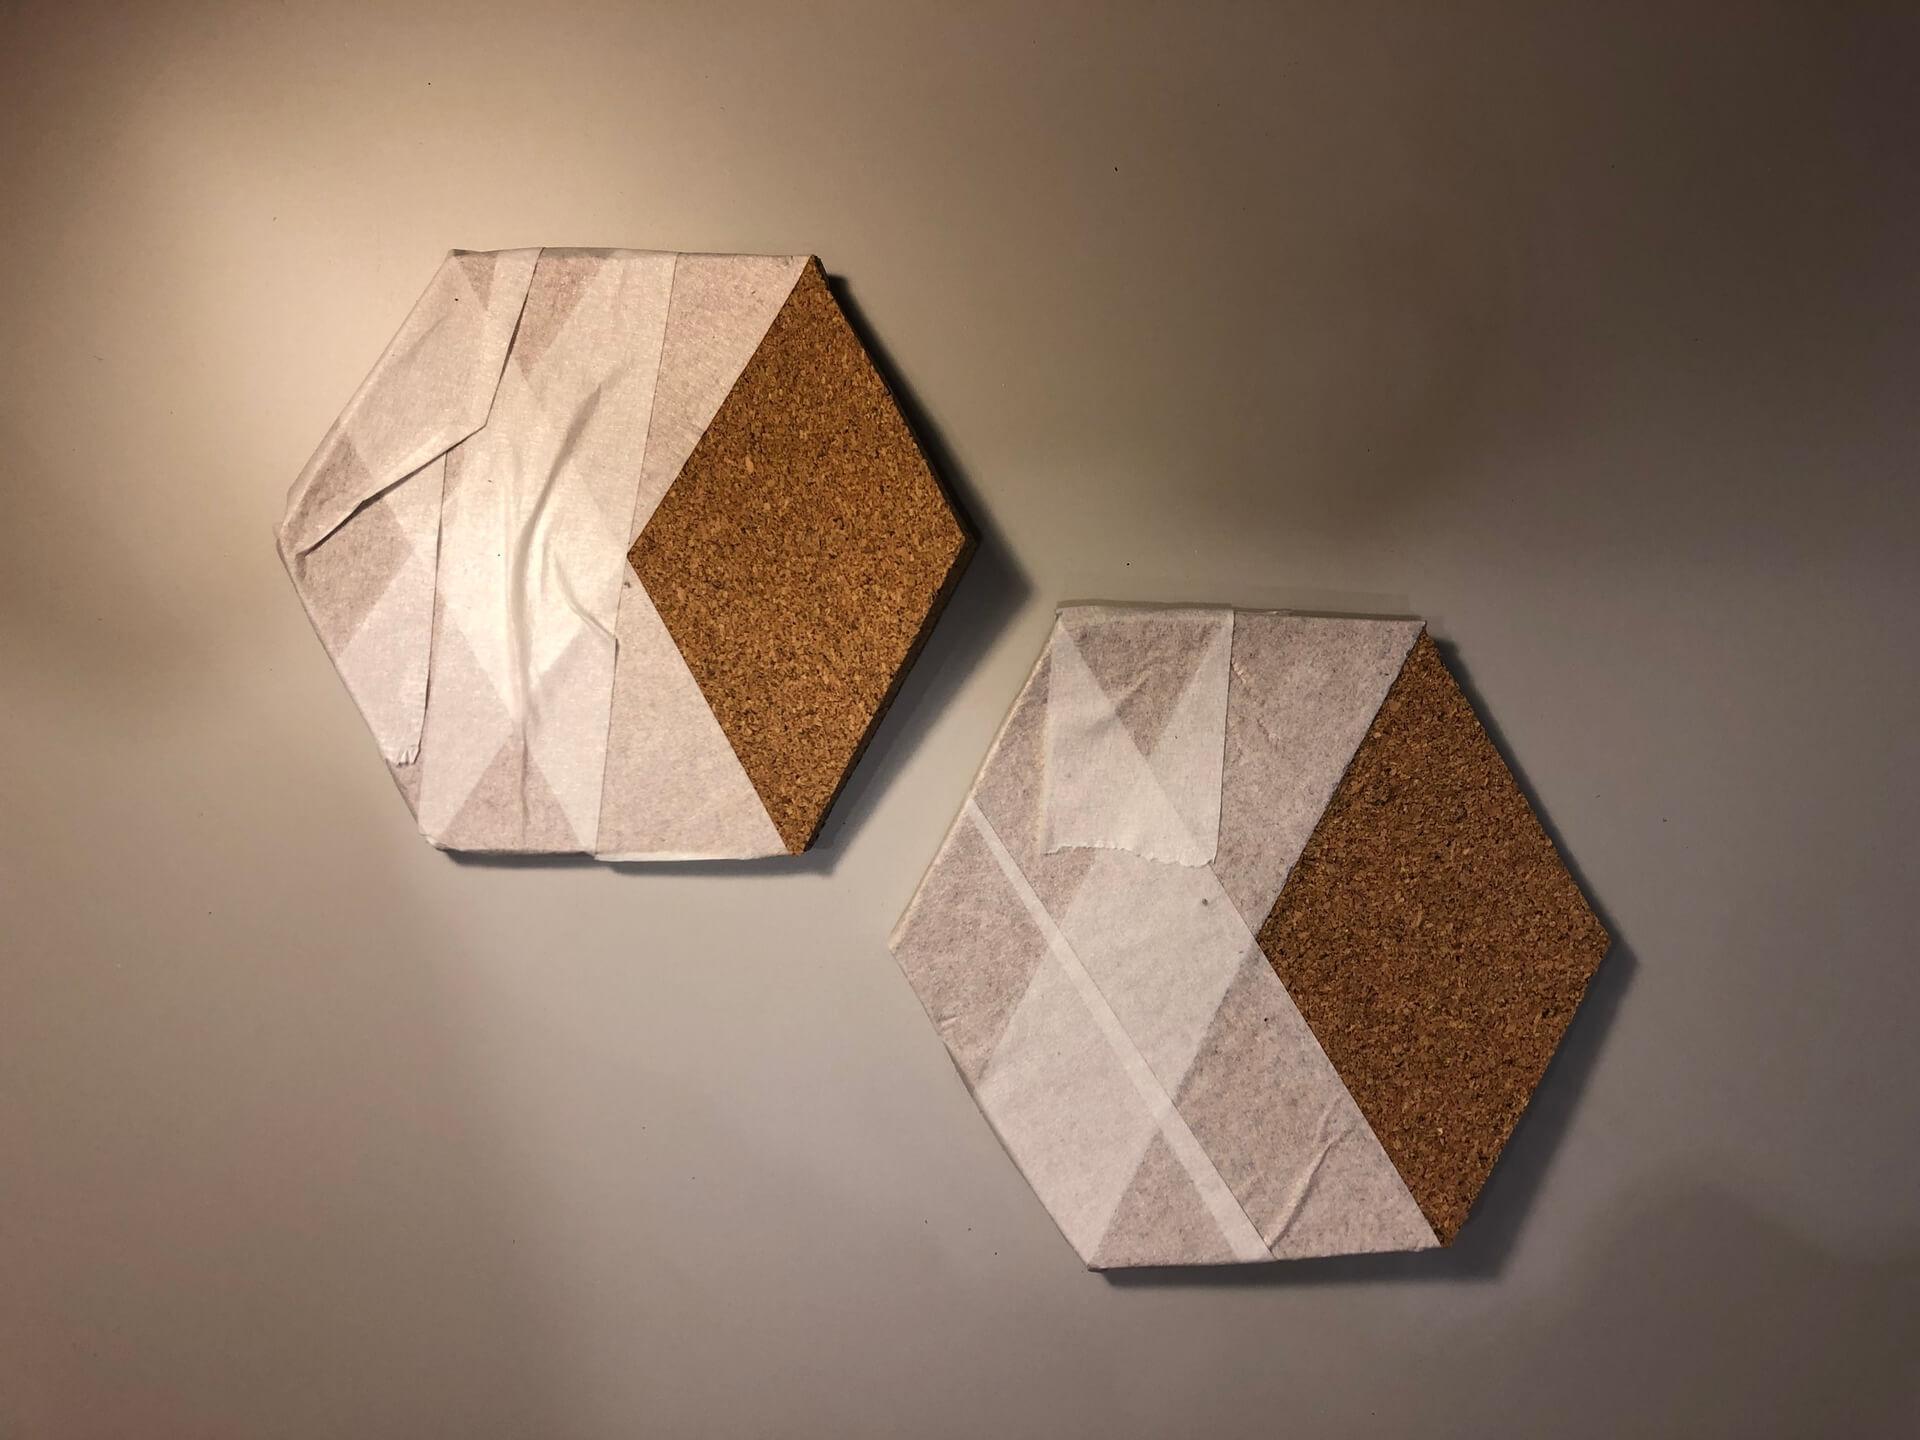 Imagem: Passo 3: espaço a ser pintado demarcado com fita crepe. Foto: Arquiteca Projetos.